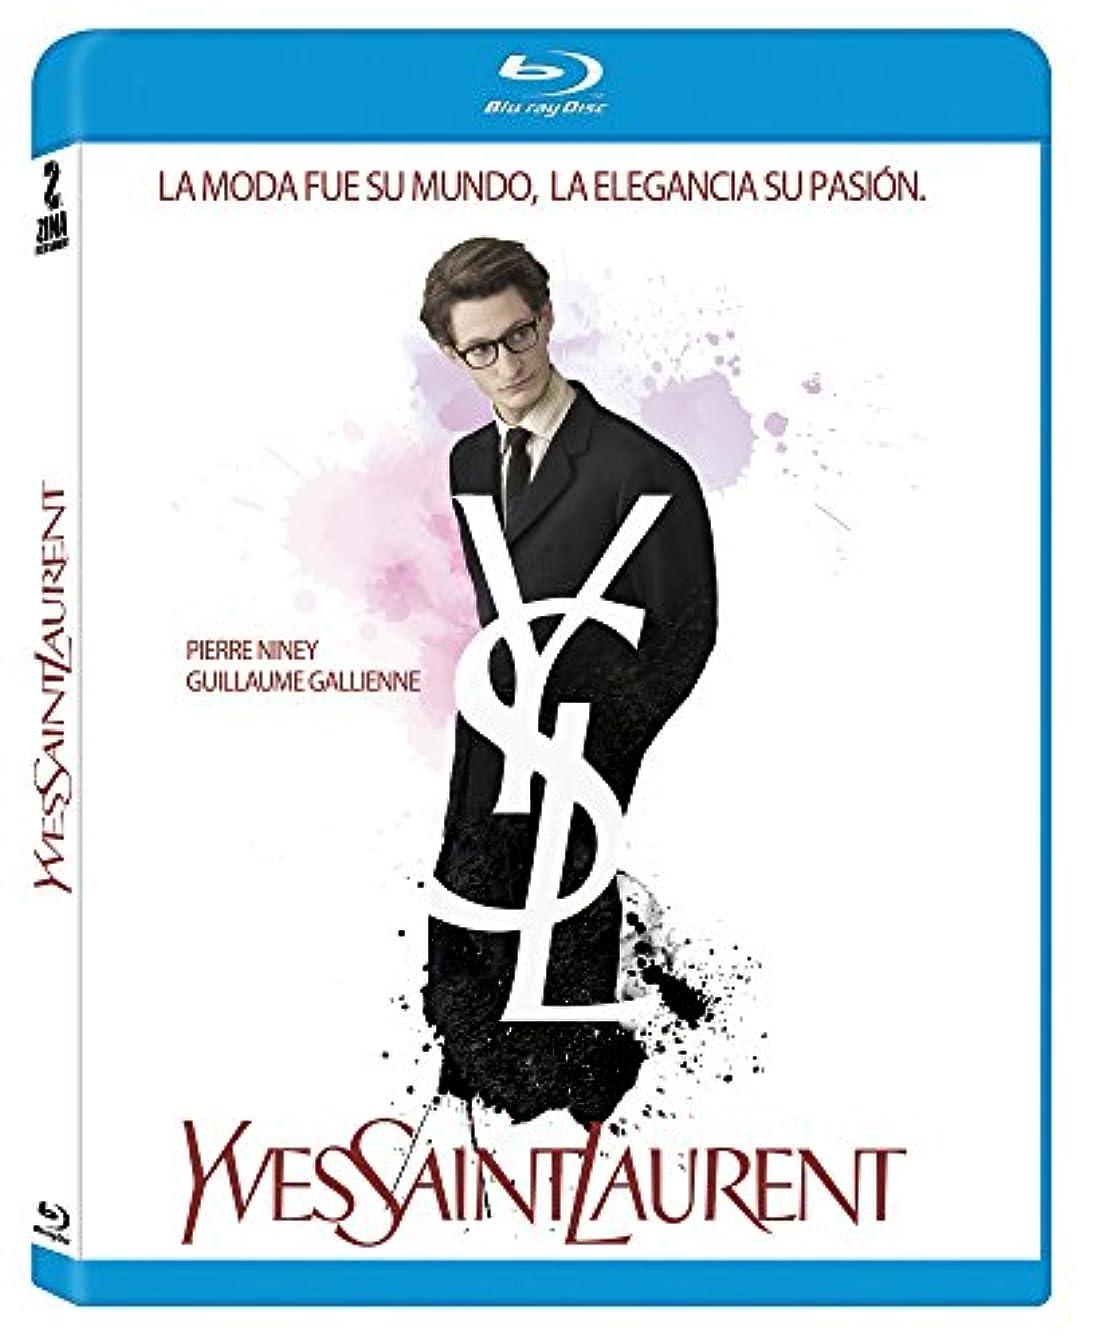 拮抗するたぶんクランプYves Saint Laurent Movie Blu Ray (Multiregion) (French Audio with Spanish Subtitles / No English Options)